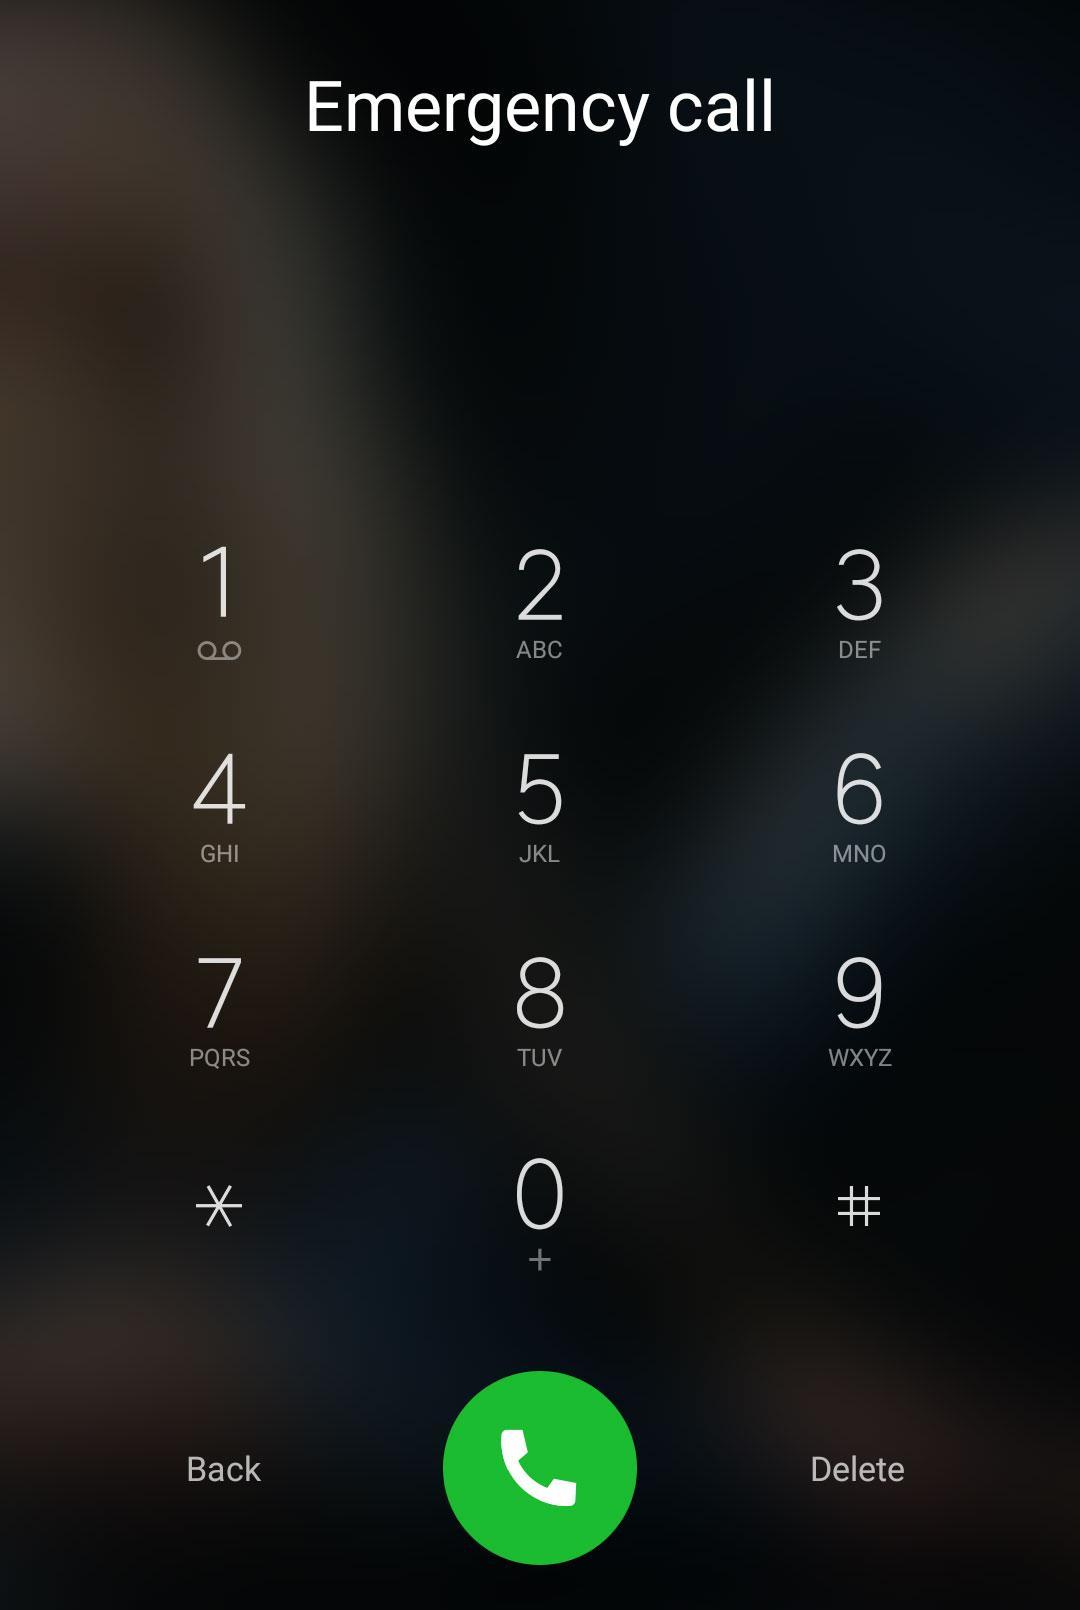 Смартфоны перезагружаются при попытке набора номера 911 или 112